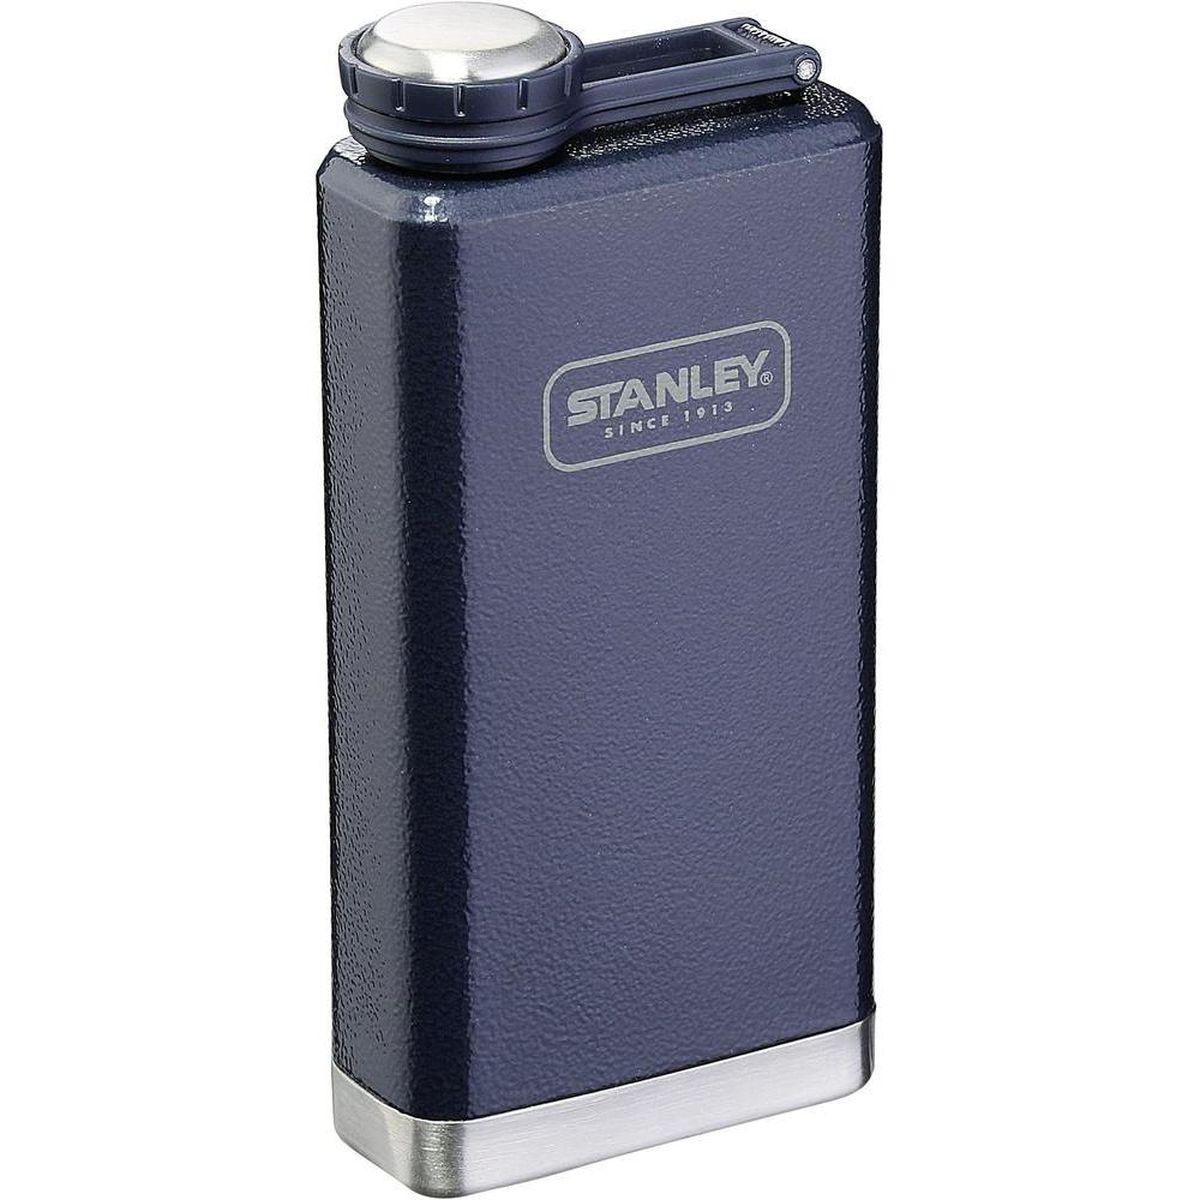 Фляга STANLEY Adventure, цвет: темно-синий, 0,23 л10-01564-018Фляжка карманная. Объем - 0,23 л. Корпус из нержавеющей стали. Наружное покрытие - абразивостойкая эмаль. Цвет - темно-синий. Фляжка герметична. Гарантия - пожизненная.